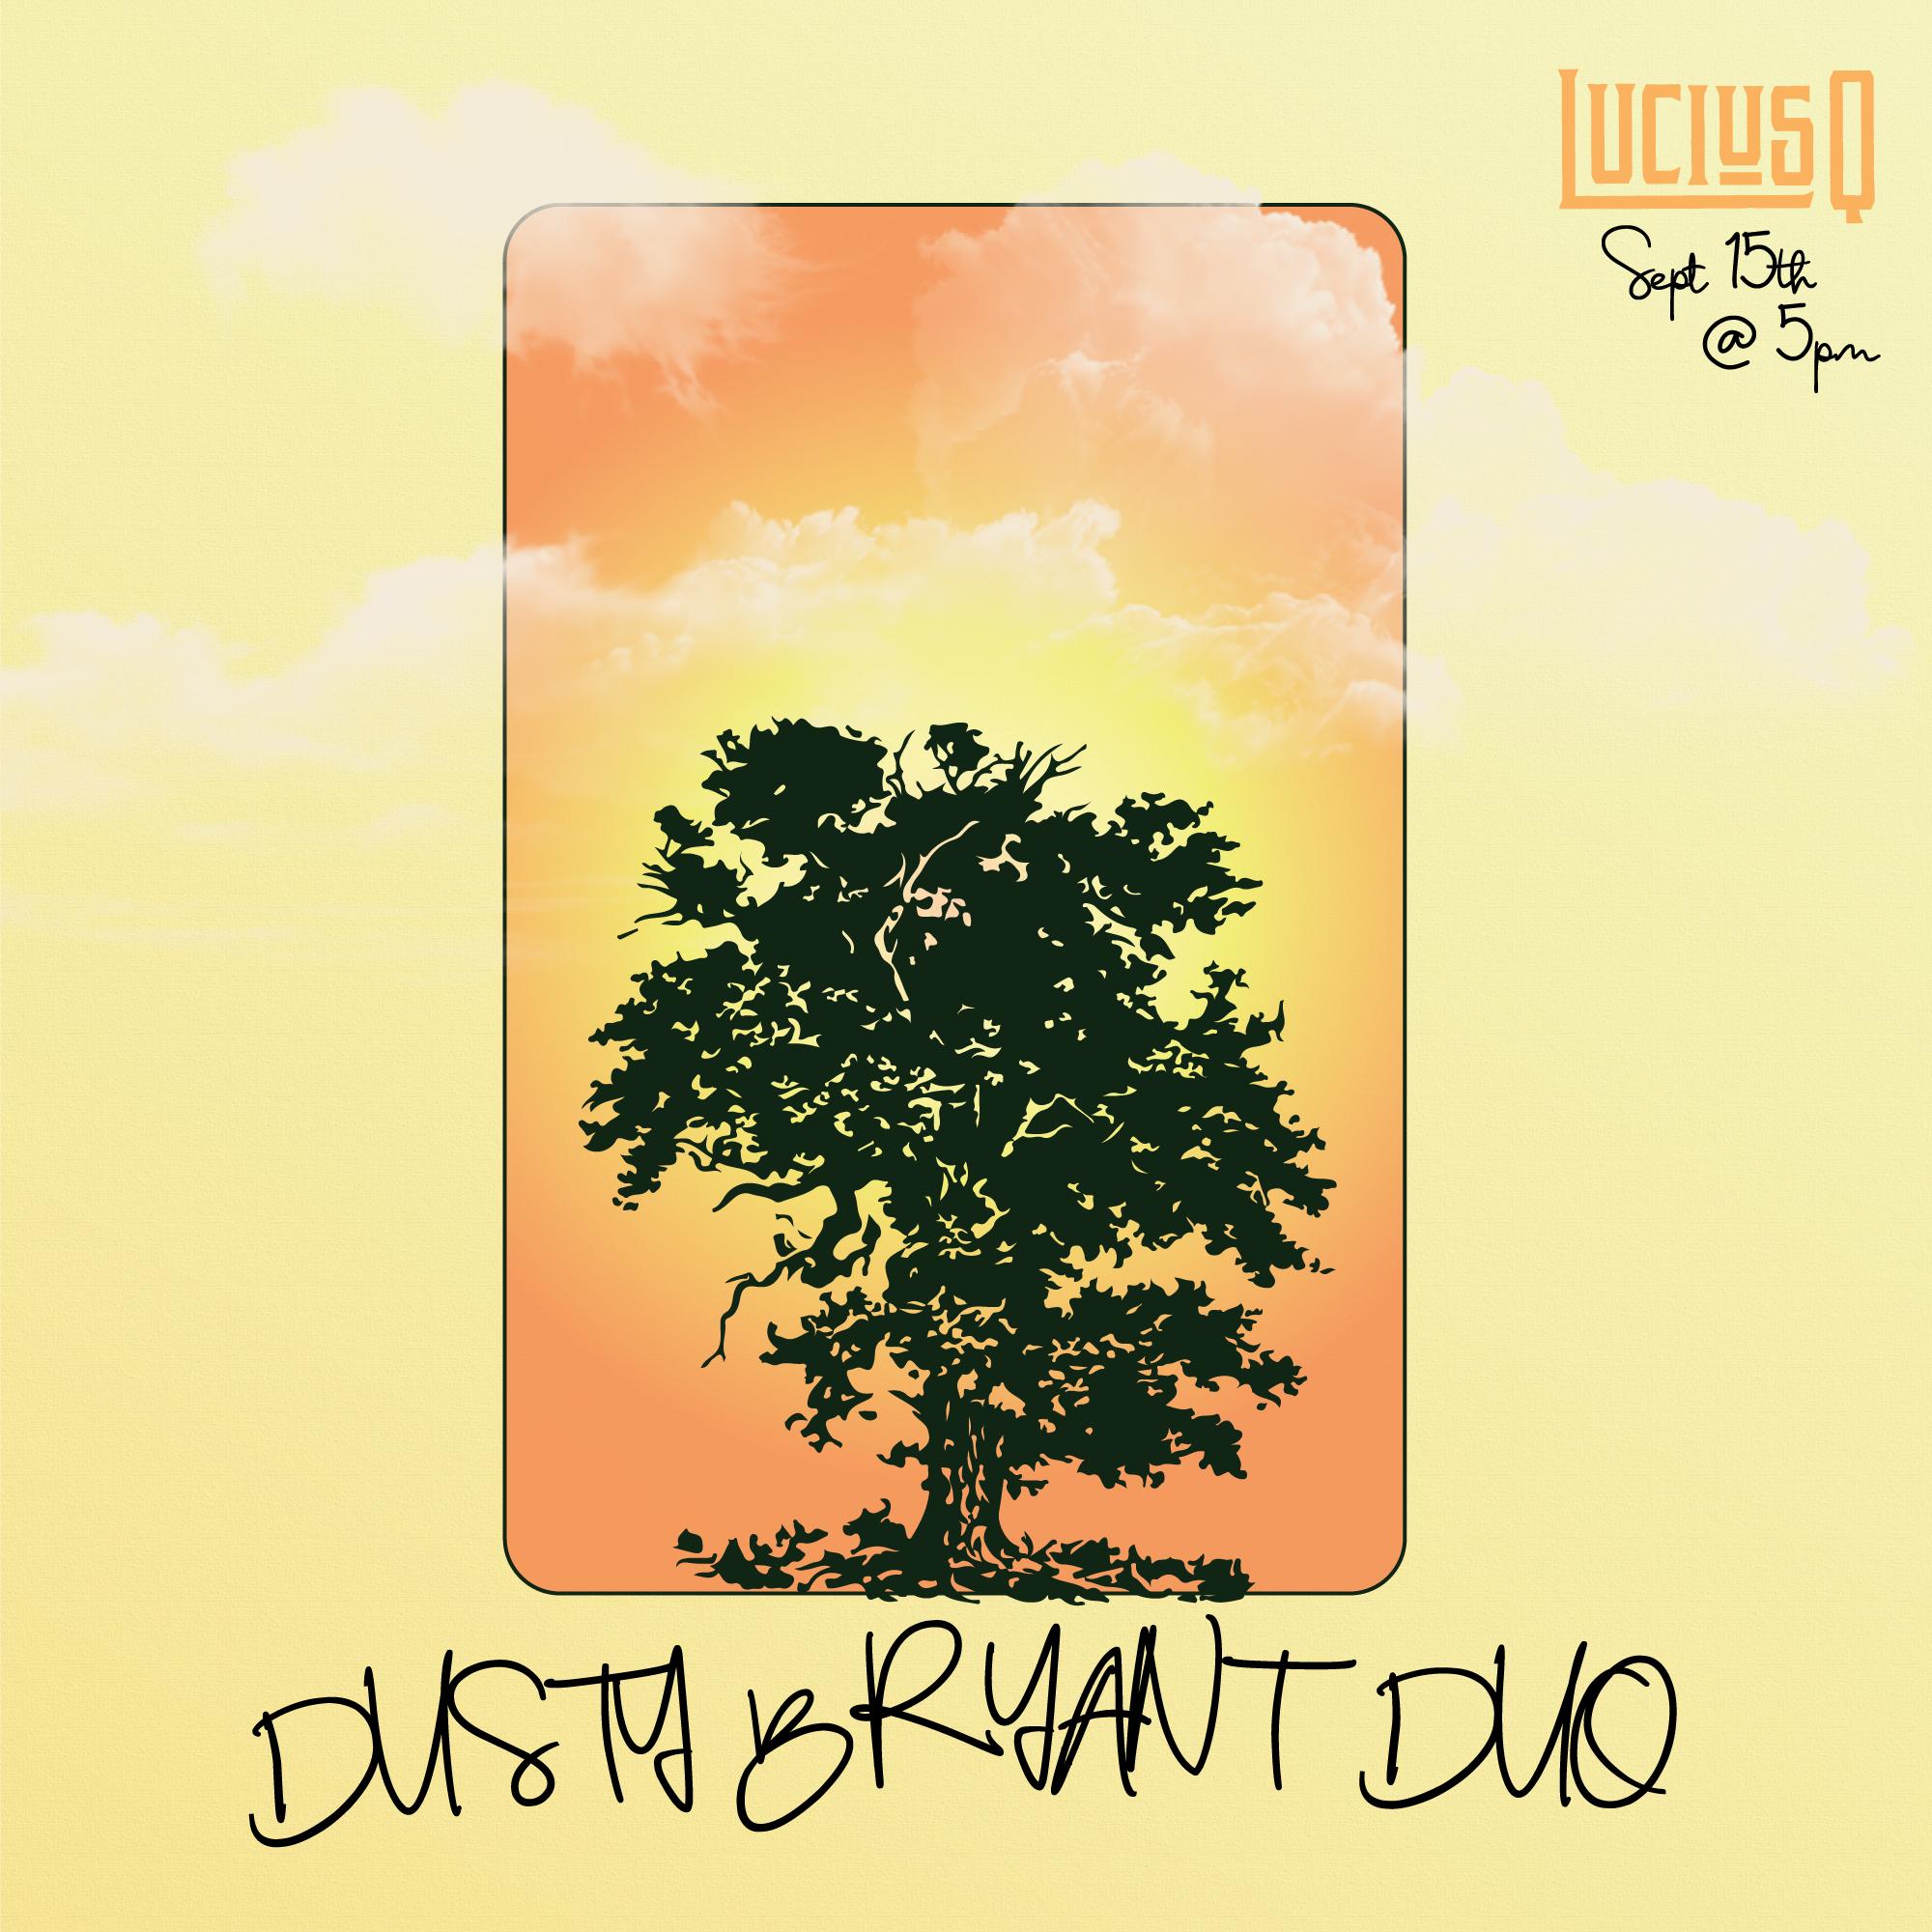 FiR-Creative---LuciusQ---Dusty-Bryant.png